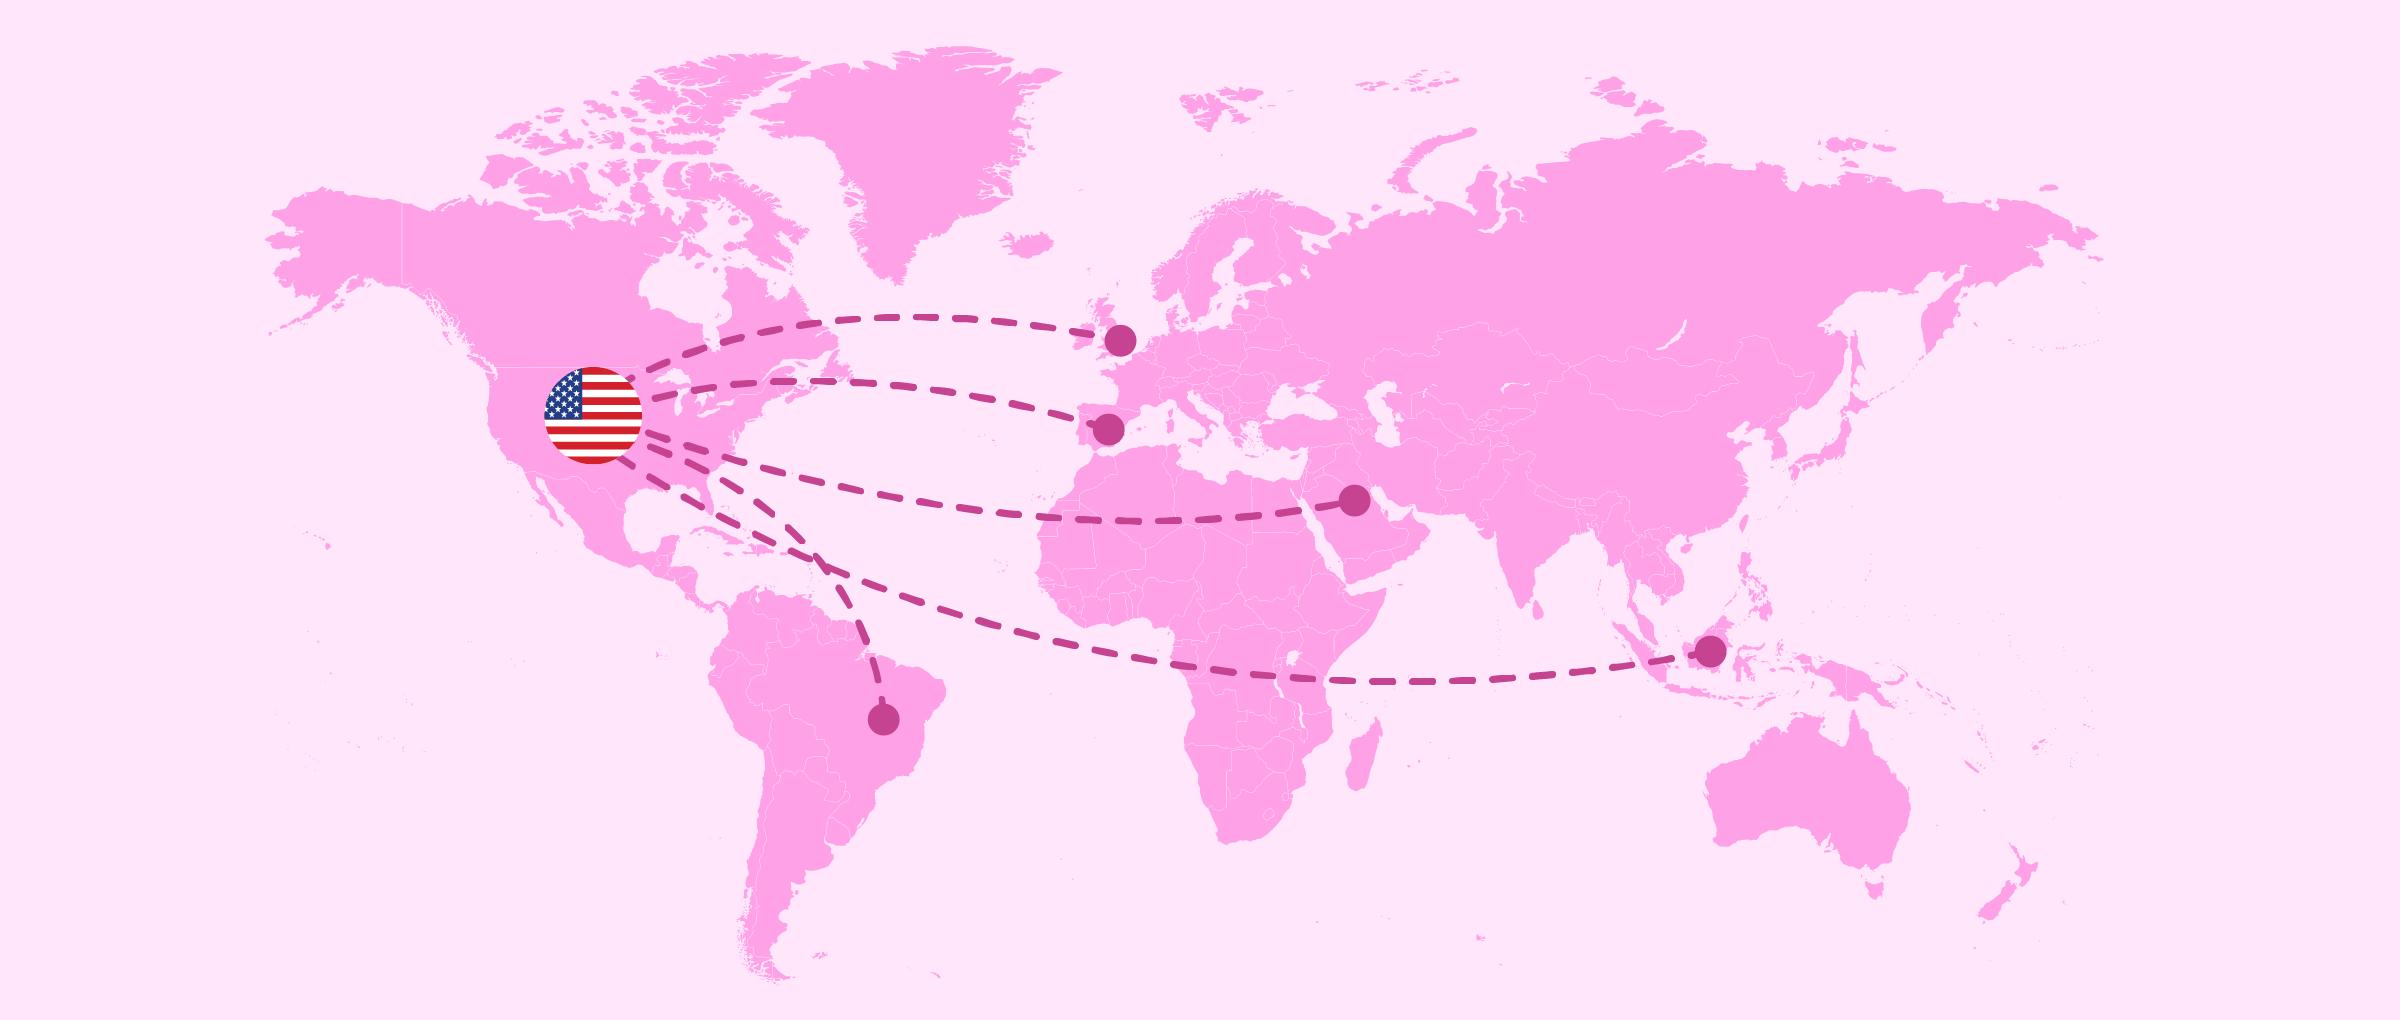 Für eine Leihmutterschaft in die USA reisen